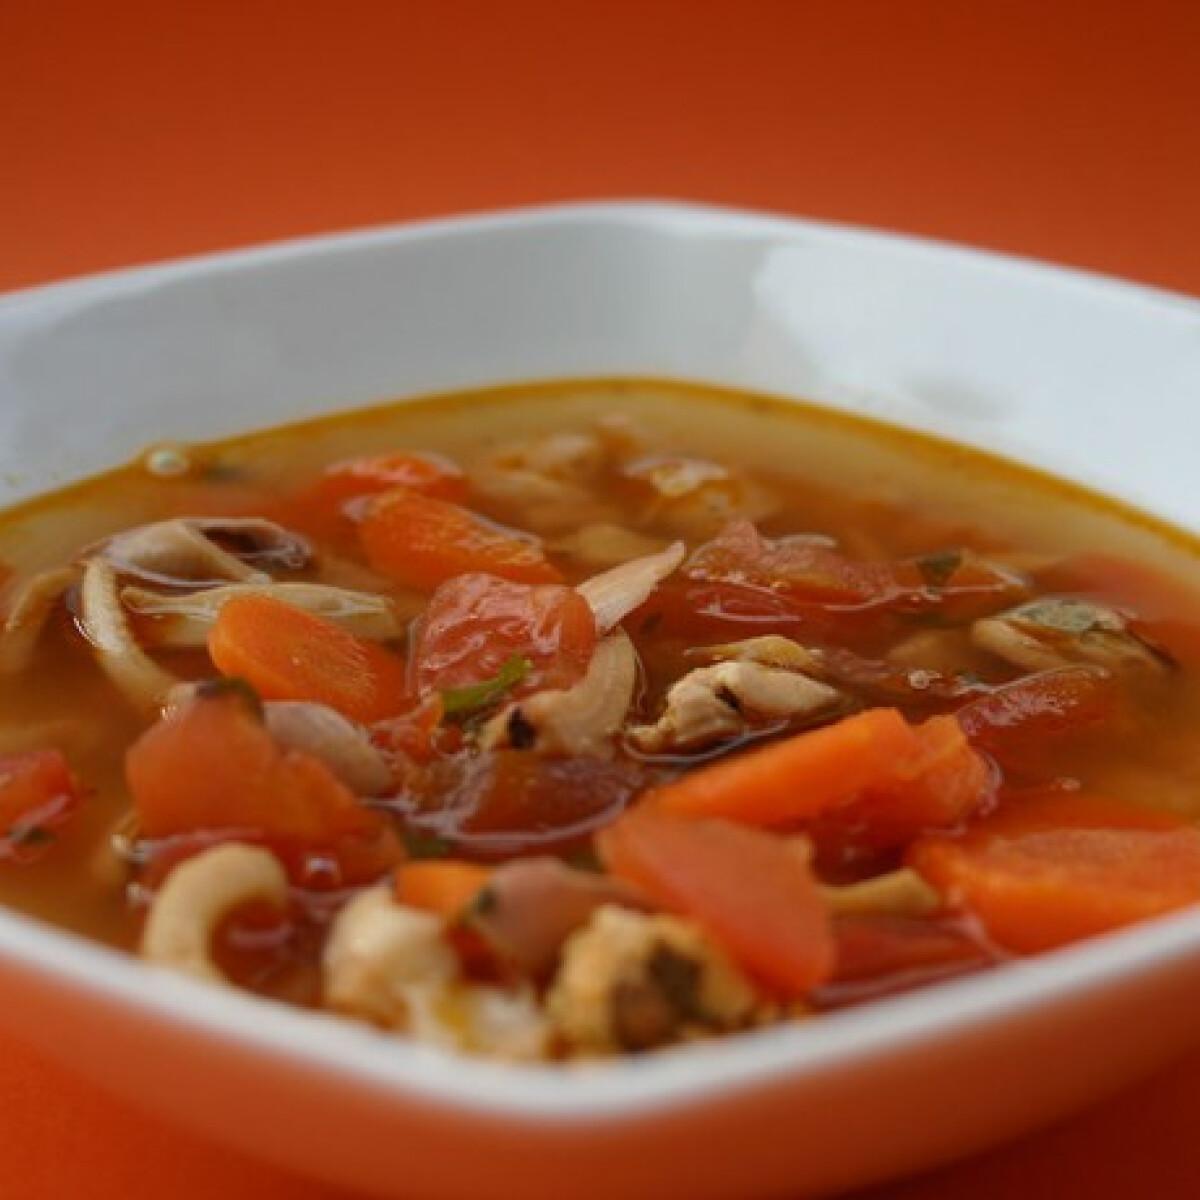 Ezen a képen: Tenger gyümölcsei leves